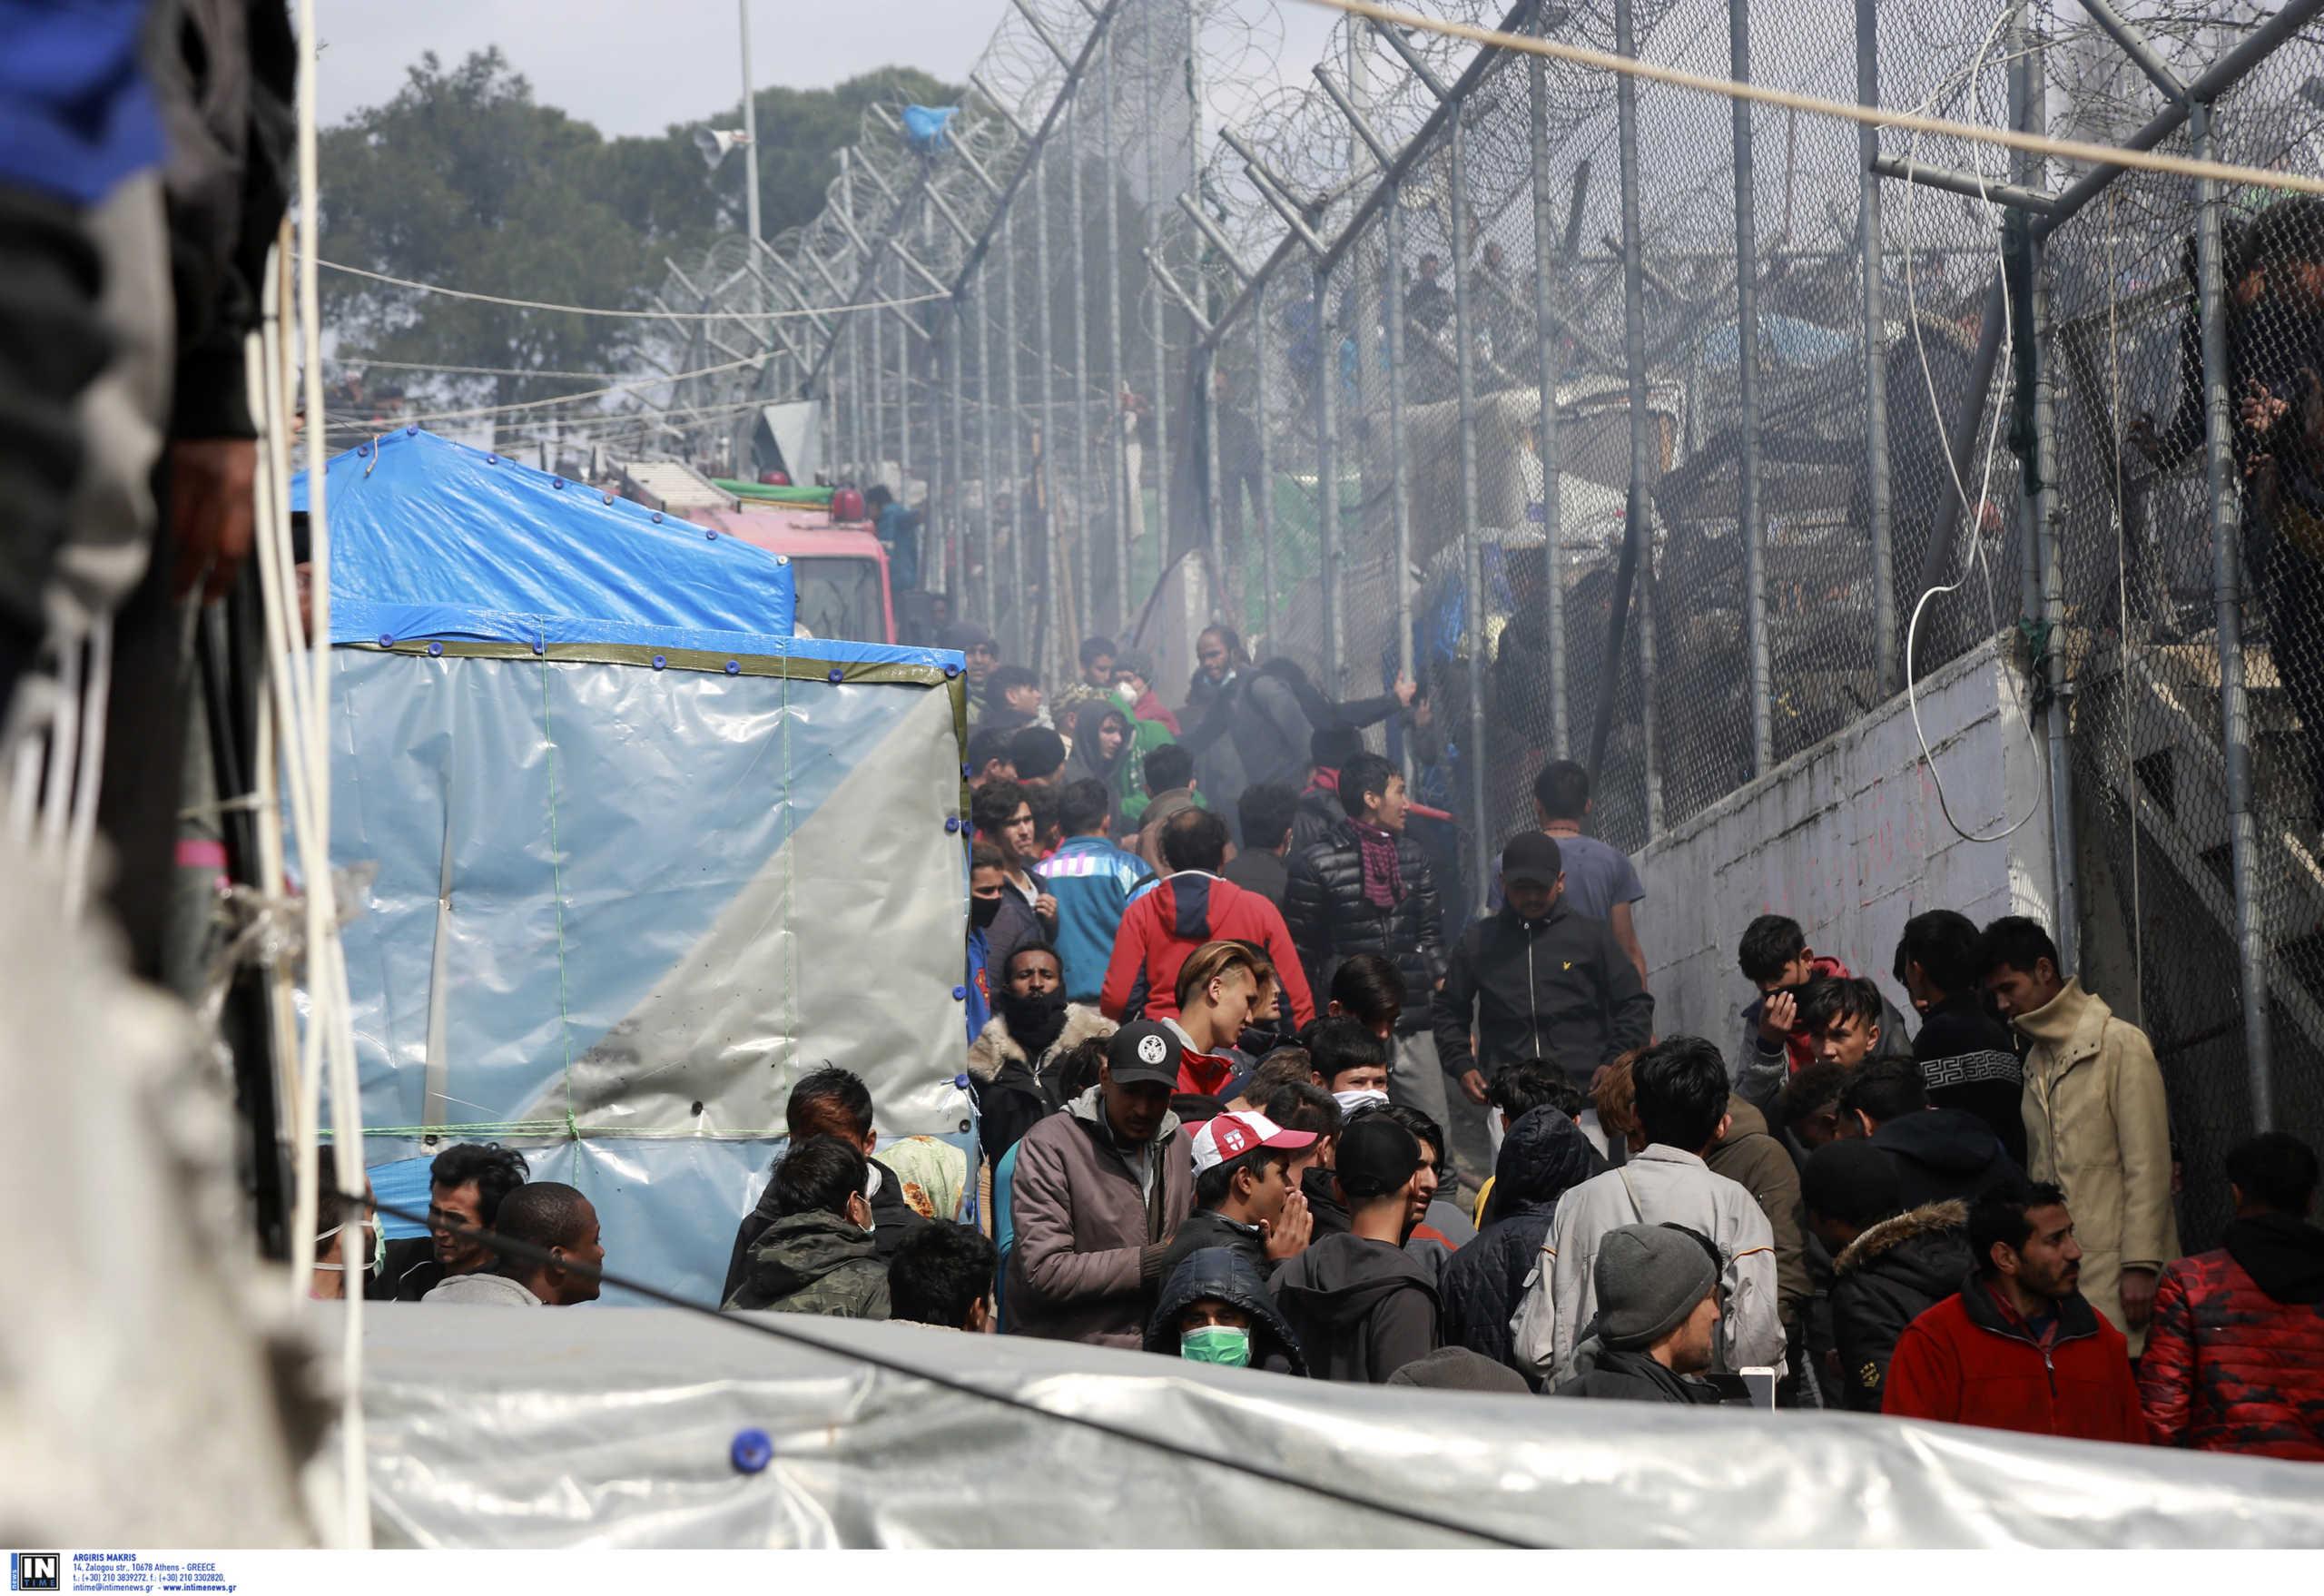 Αύξηση κατά 31% στις αποφάσεις ασύλου τον Μάρτιο του 2020